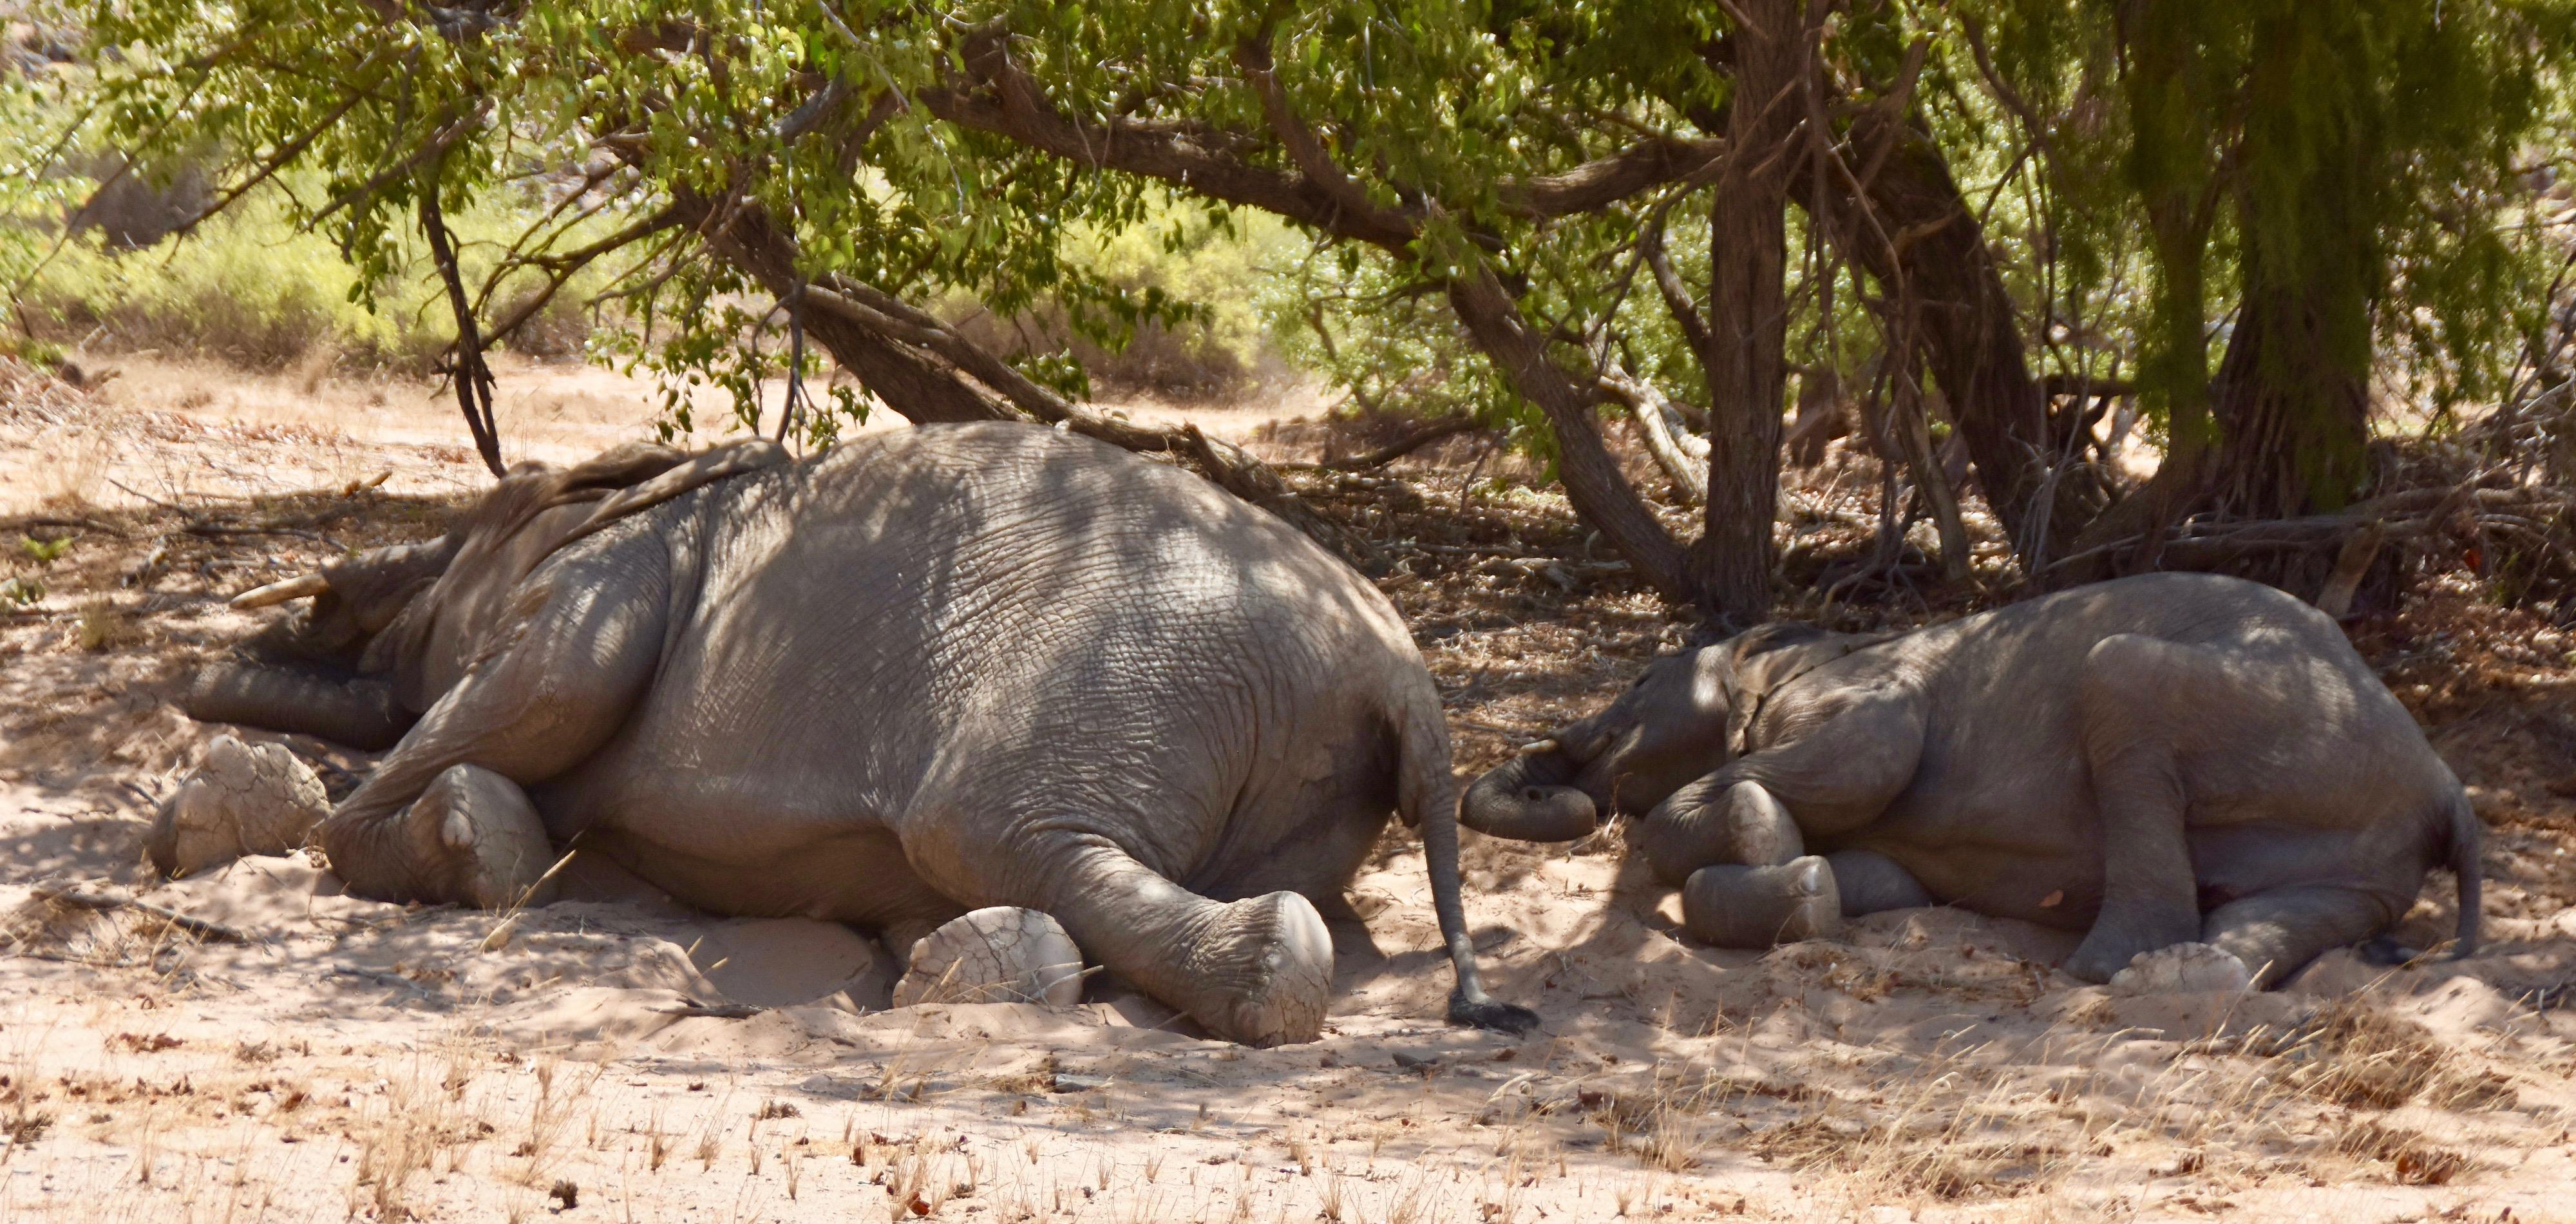 Sleeping Elephants, Damaraland